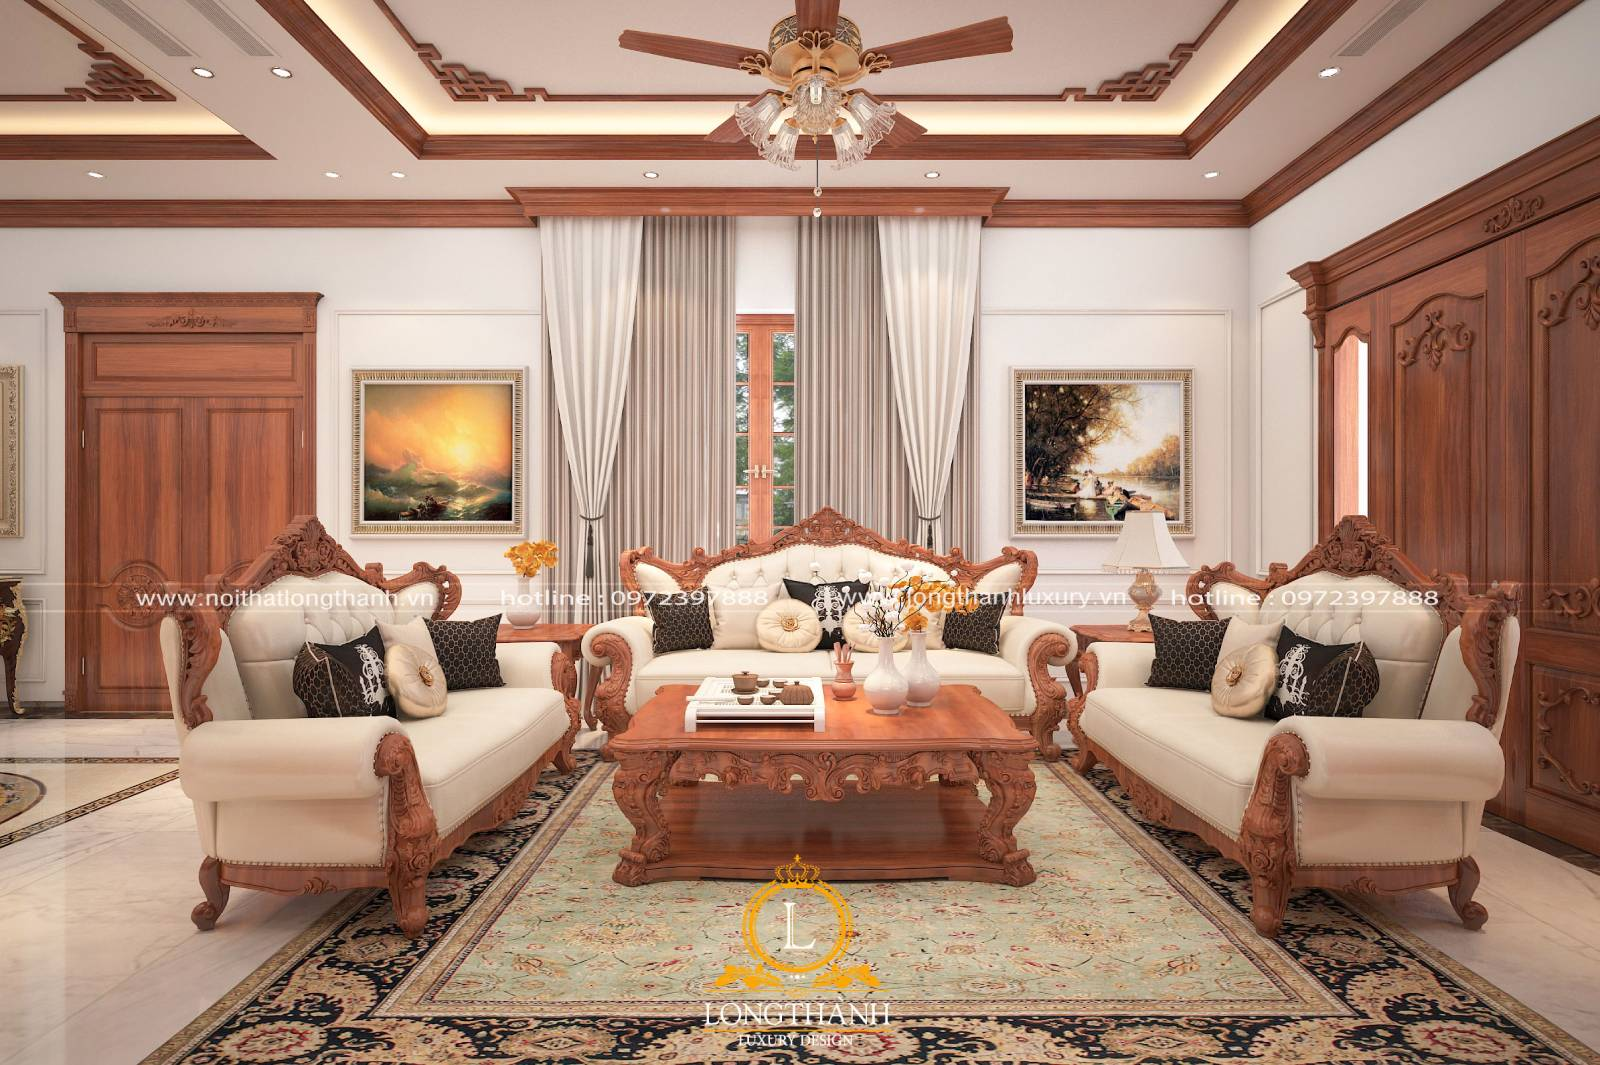 Sofa văng đem lại sự tiện lợi và giá trị thẩm mỹ cao cho phòng khách